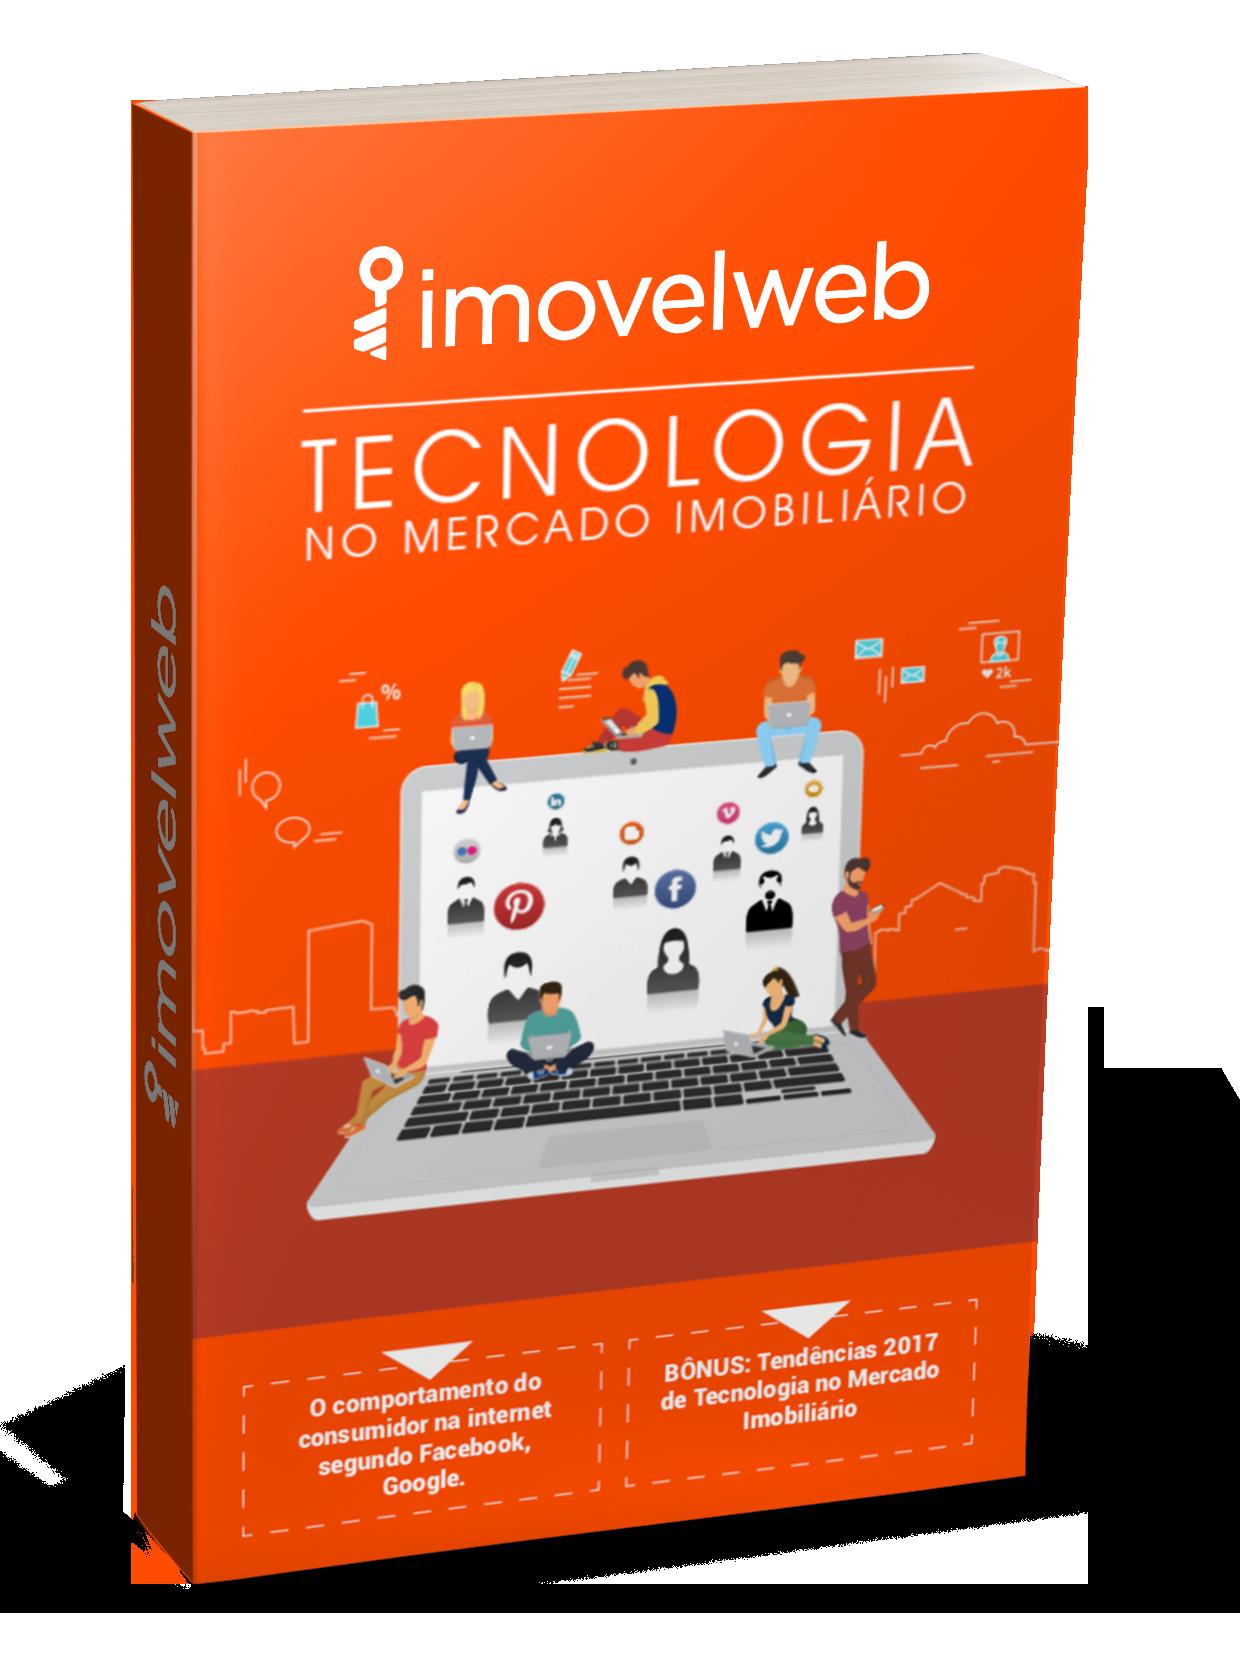 [Ebook] Tecnologia no Mercado Imobiliário